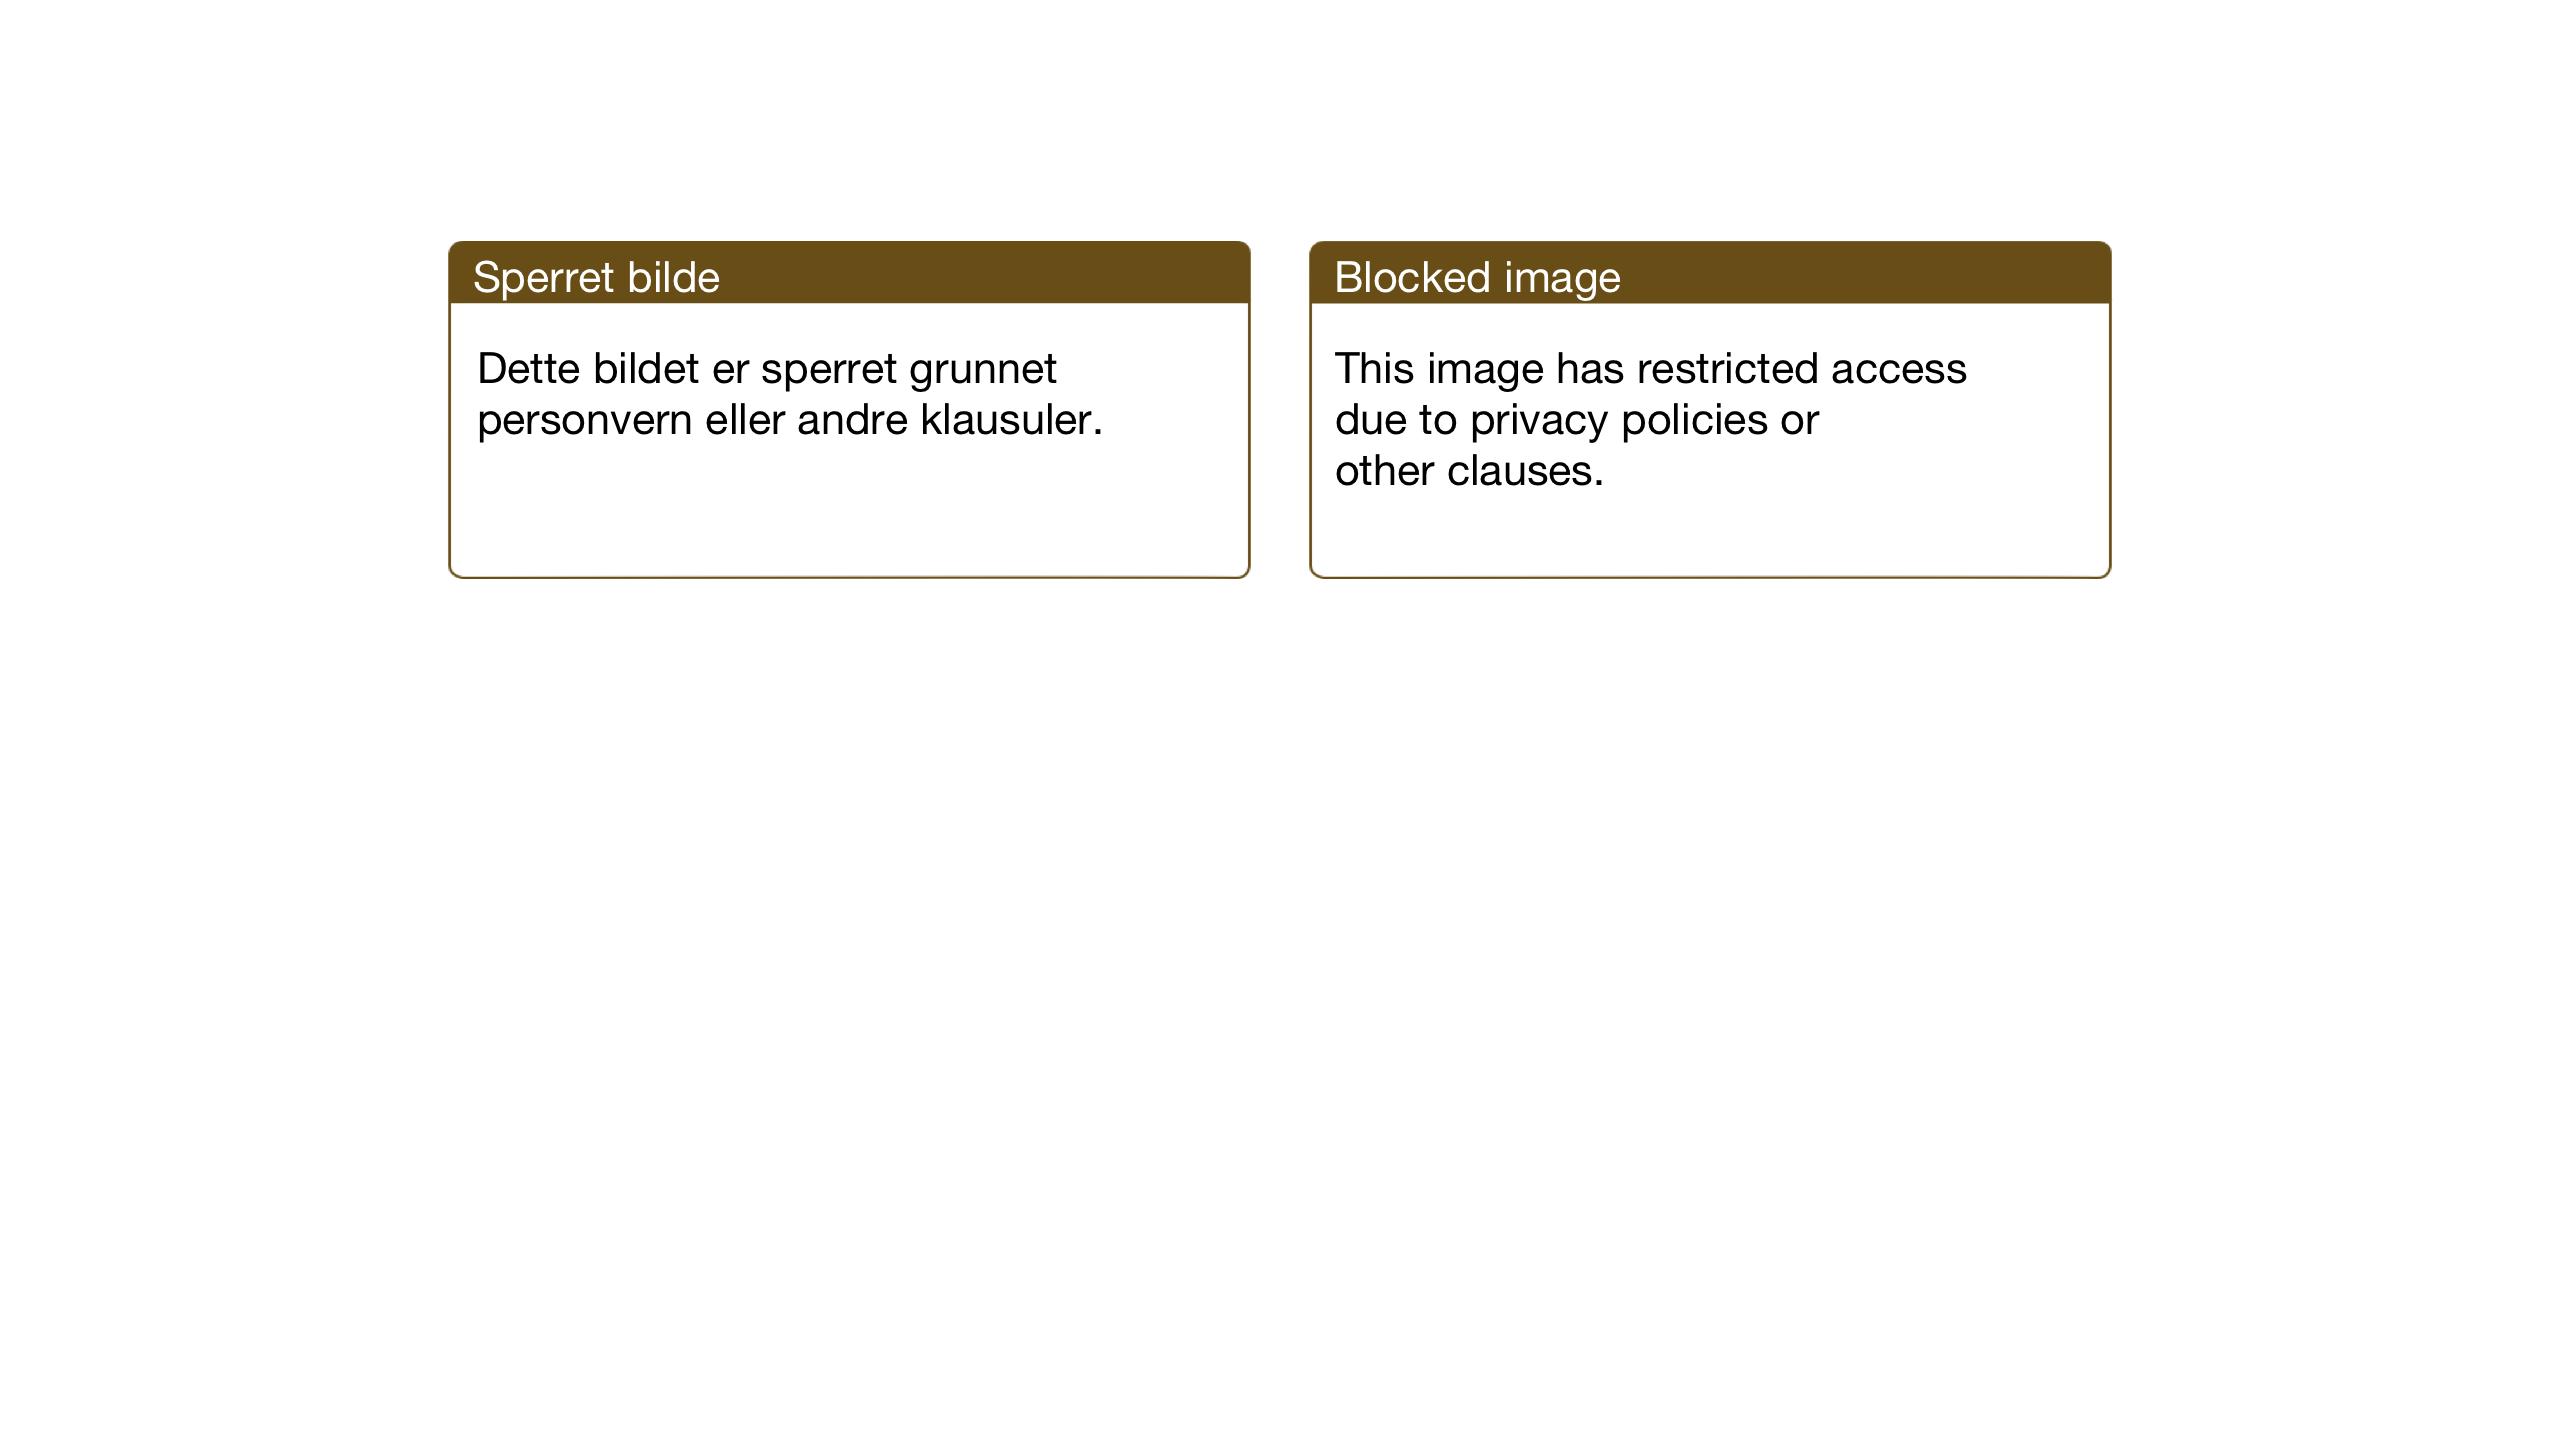 SAT, Ministerialprotokoller, klokkerbøker og fødselsregistre - Sør-Trøndelag, 695/L1158: Klokkerbok nr. 695C09, 1913-1940, s. 114